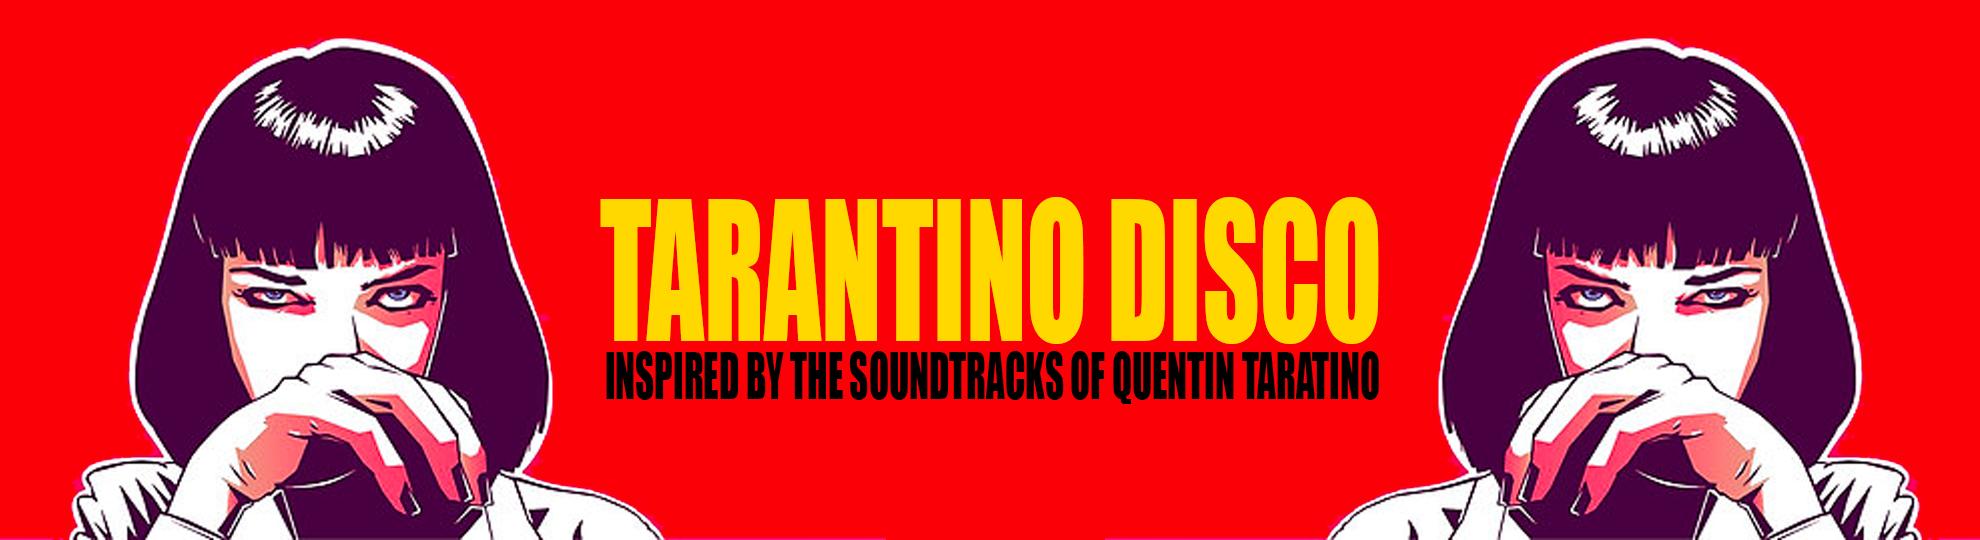 Tarantino Disco